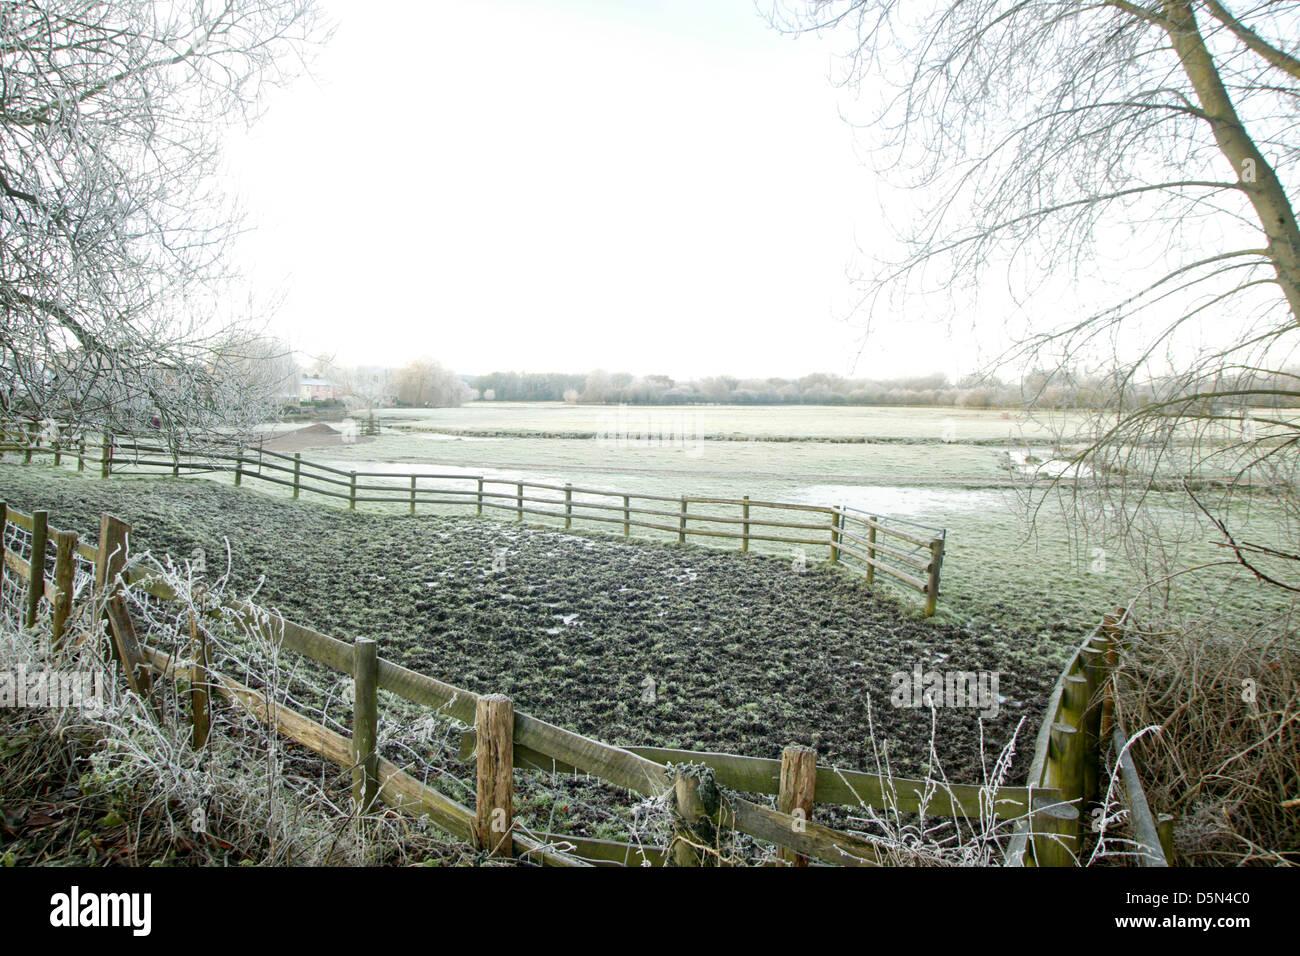 Querformat über Winter Marschland mit Zaun Struktur im Vordergrund Stockbild